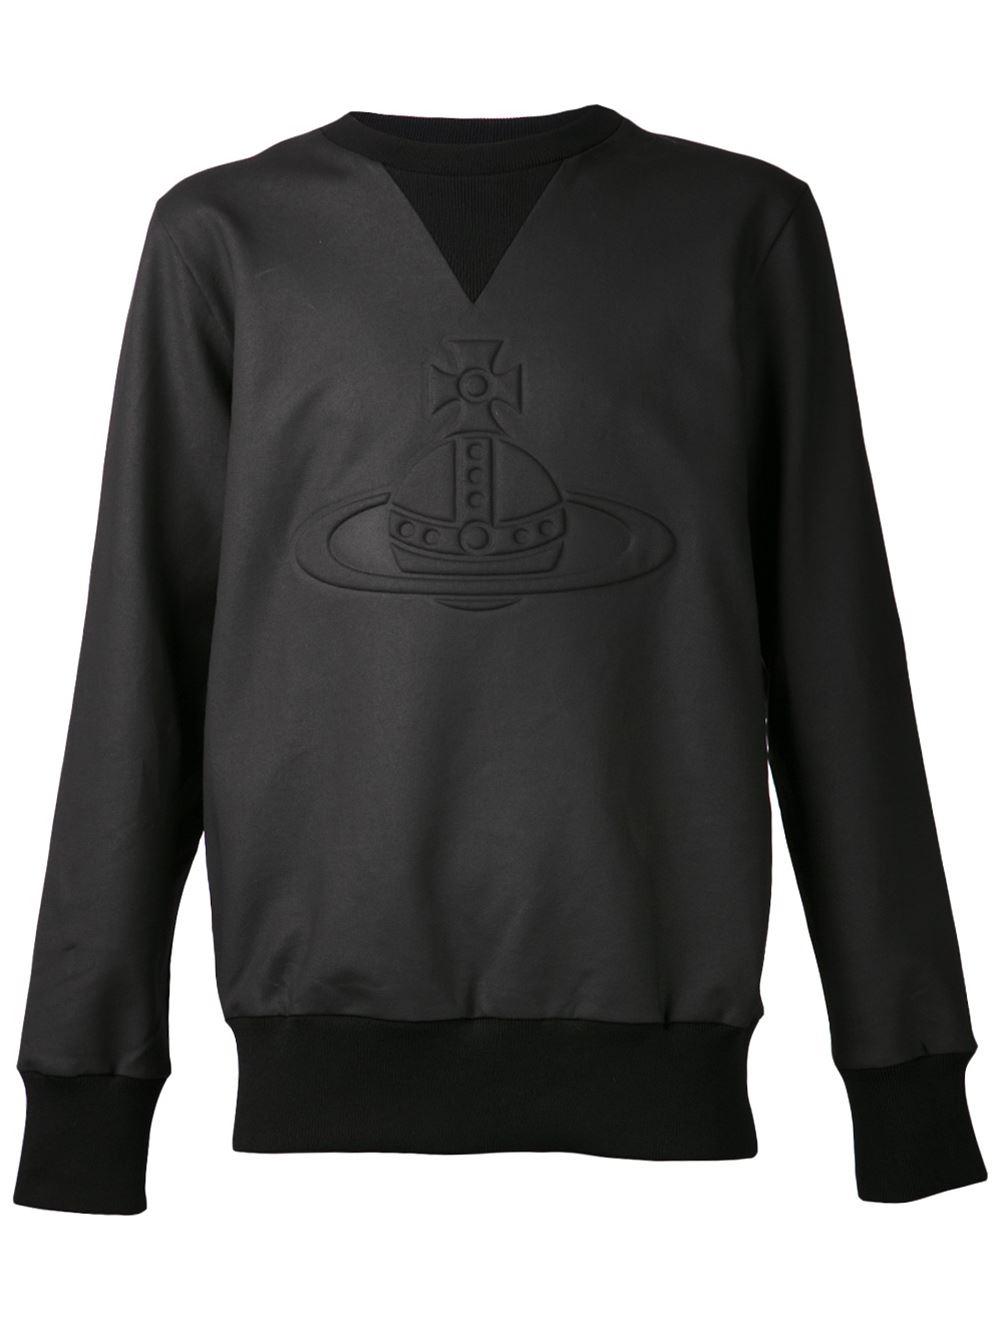 Jay-Z+wearing+Vivienne+Westwood+Sweatshirt